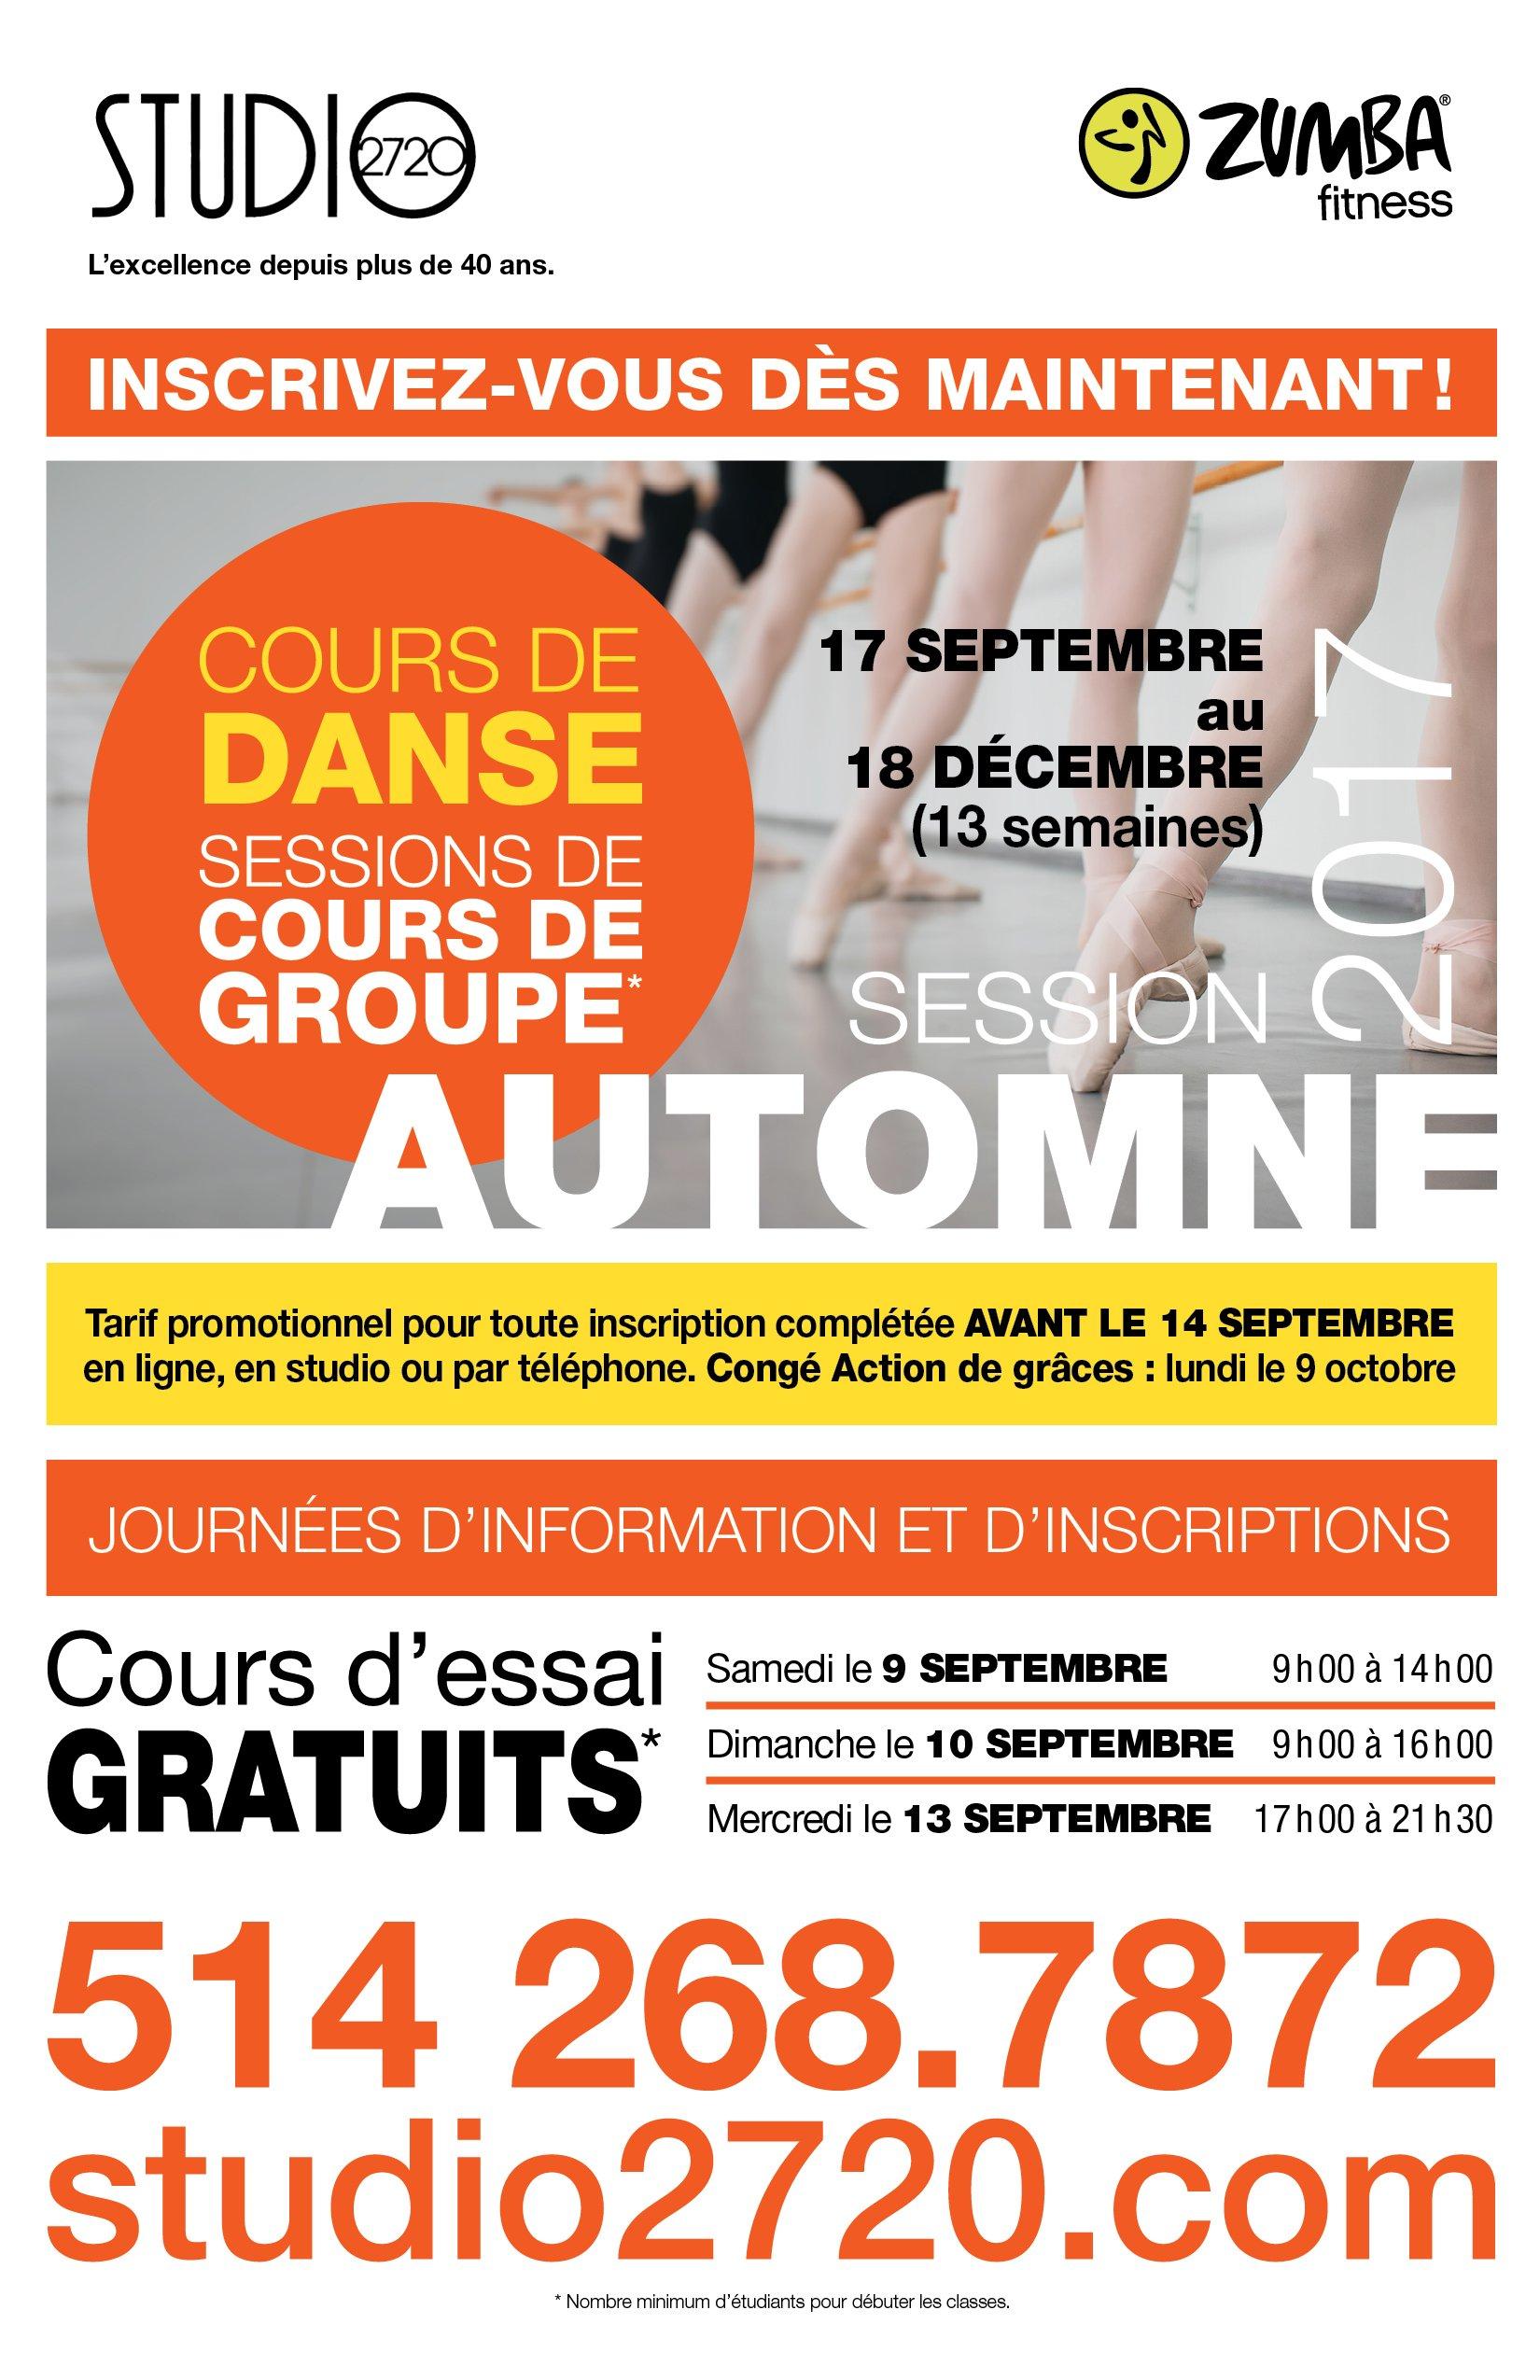 Cours de danse et de zumba automne 2017 Montréal - Studio2720